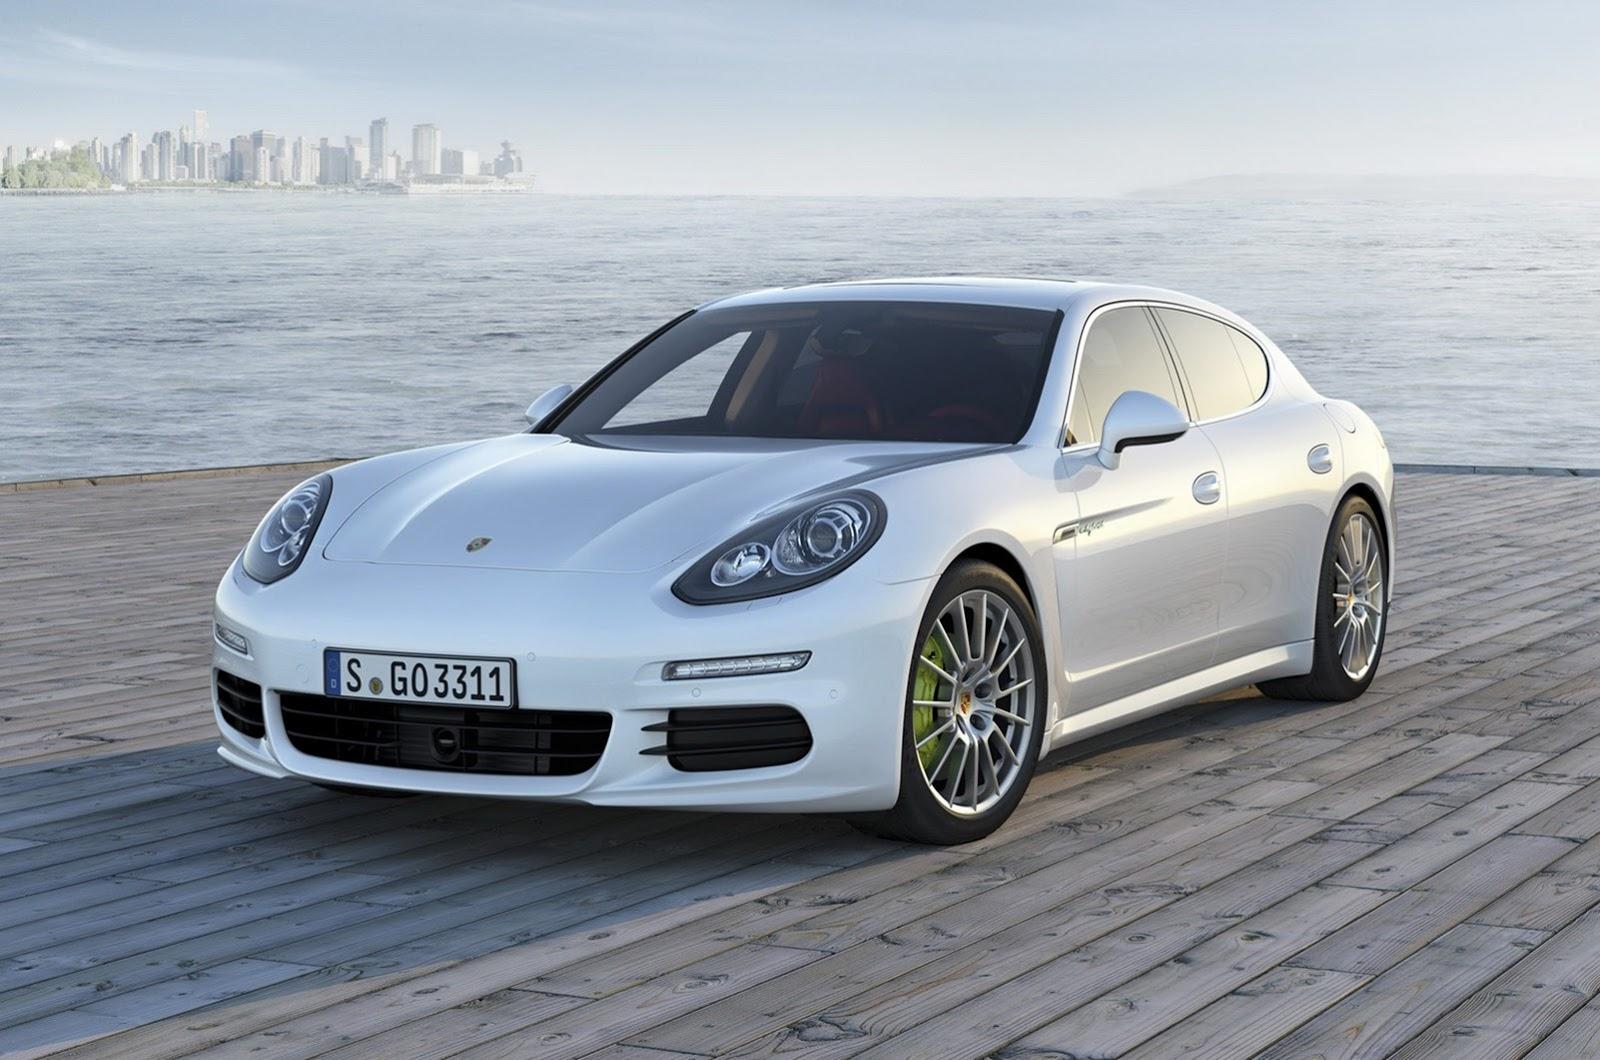 2013 - [Porsche] Panamera restylée - Page 3 2014-Porsche-Panamera-1%25255B2%25255D